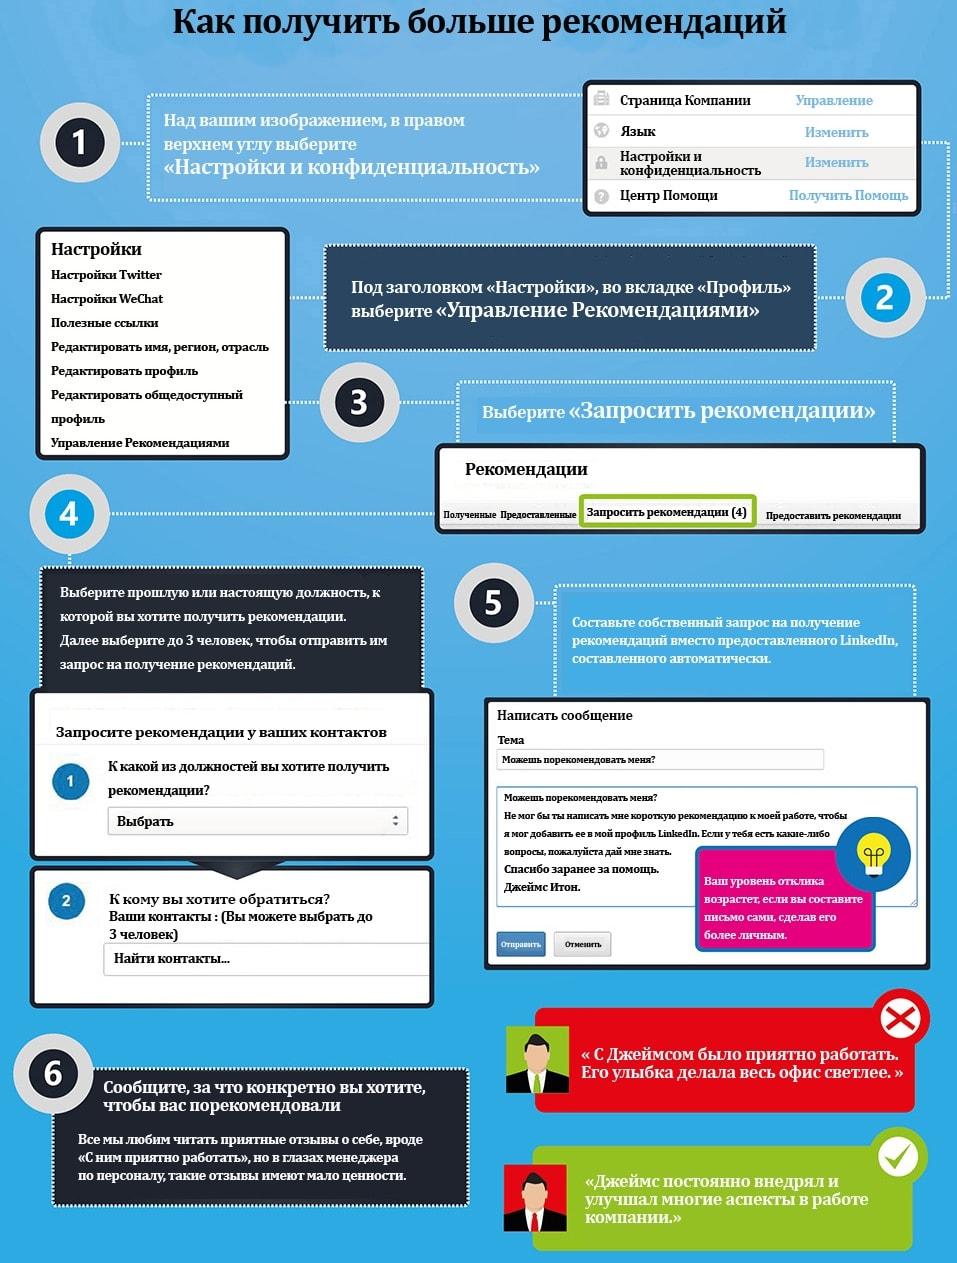 Как получить больше рекомендаций в LinkedIn?